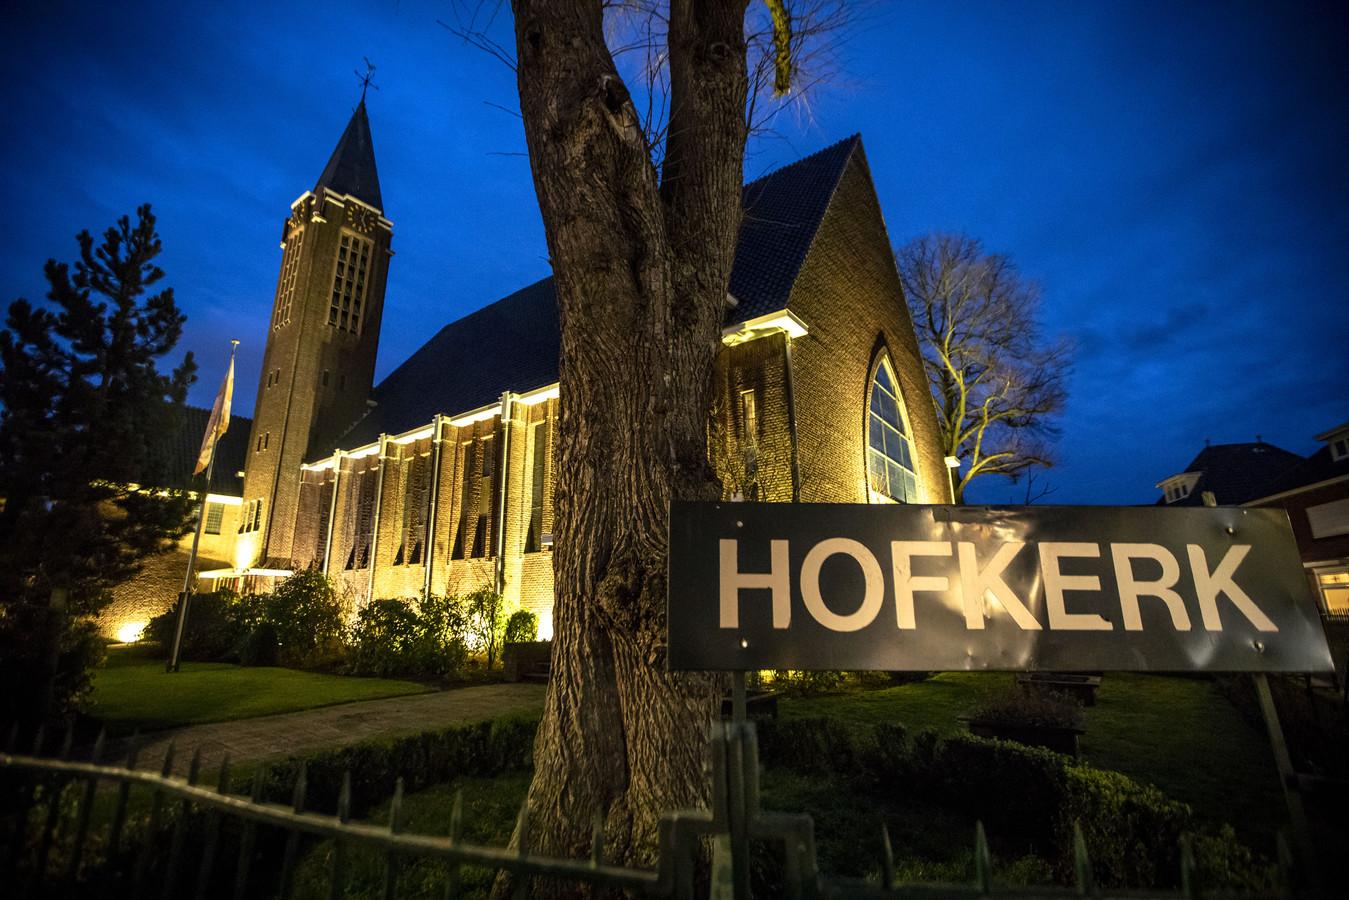 De Hofkerk wil een gebouw worden waar de gehele Oldenzaalse samenleving kan samen komen.